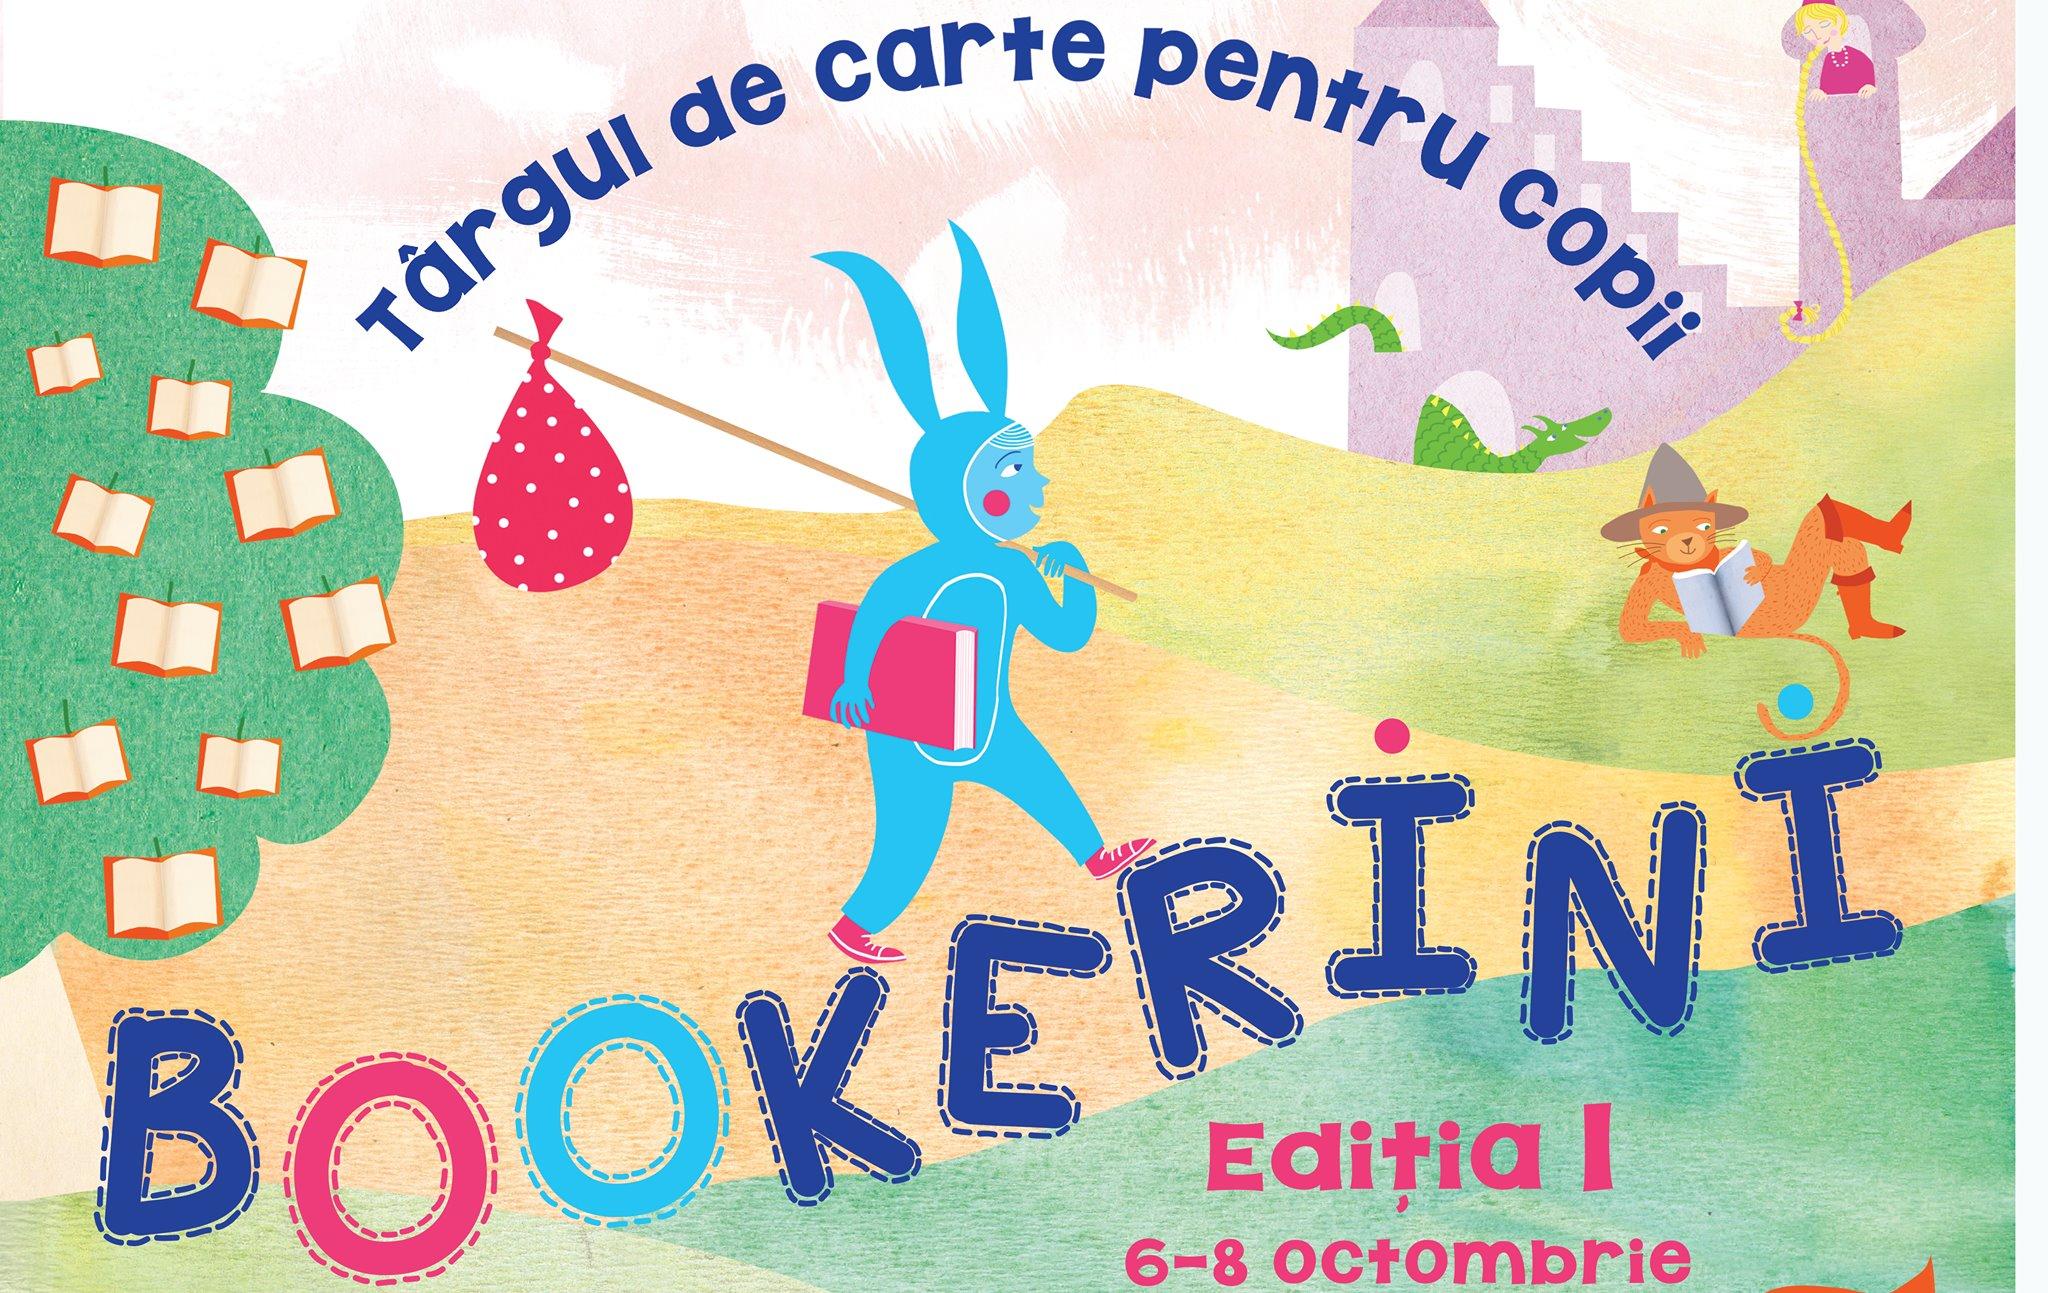 BOOKerini - Târg de carte pentru copii